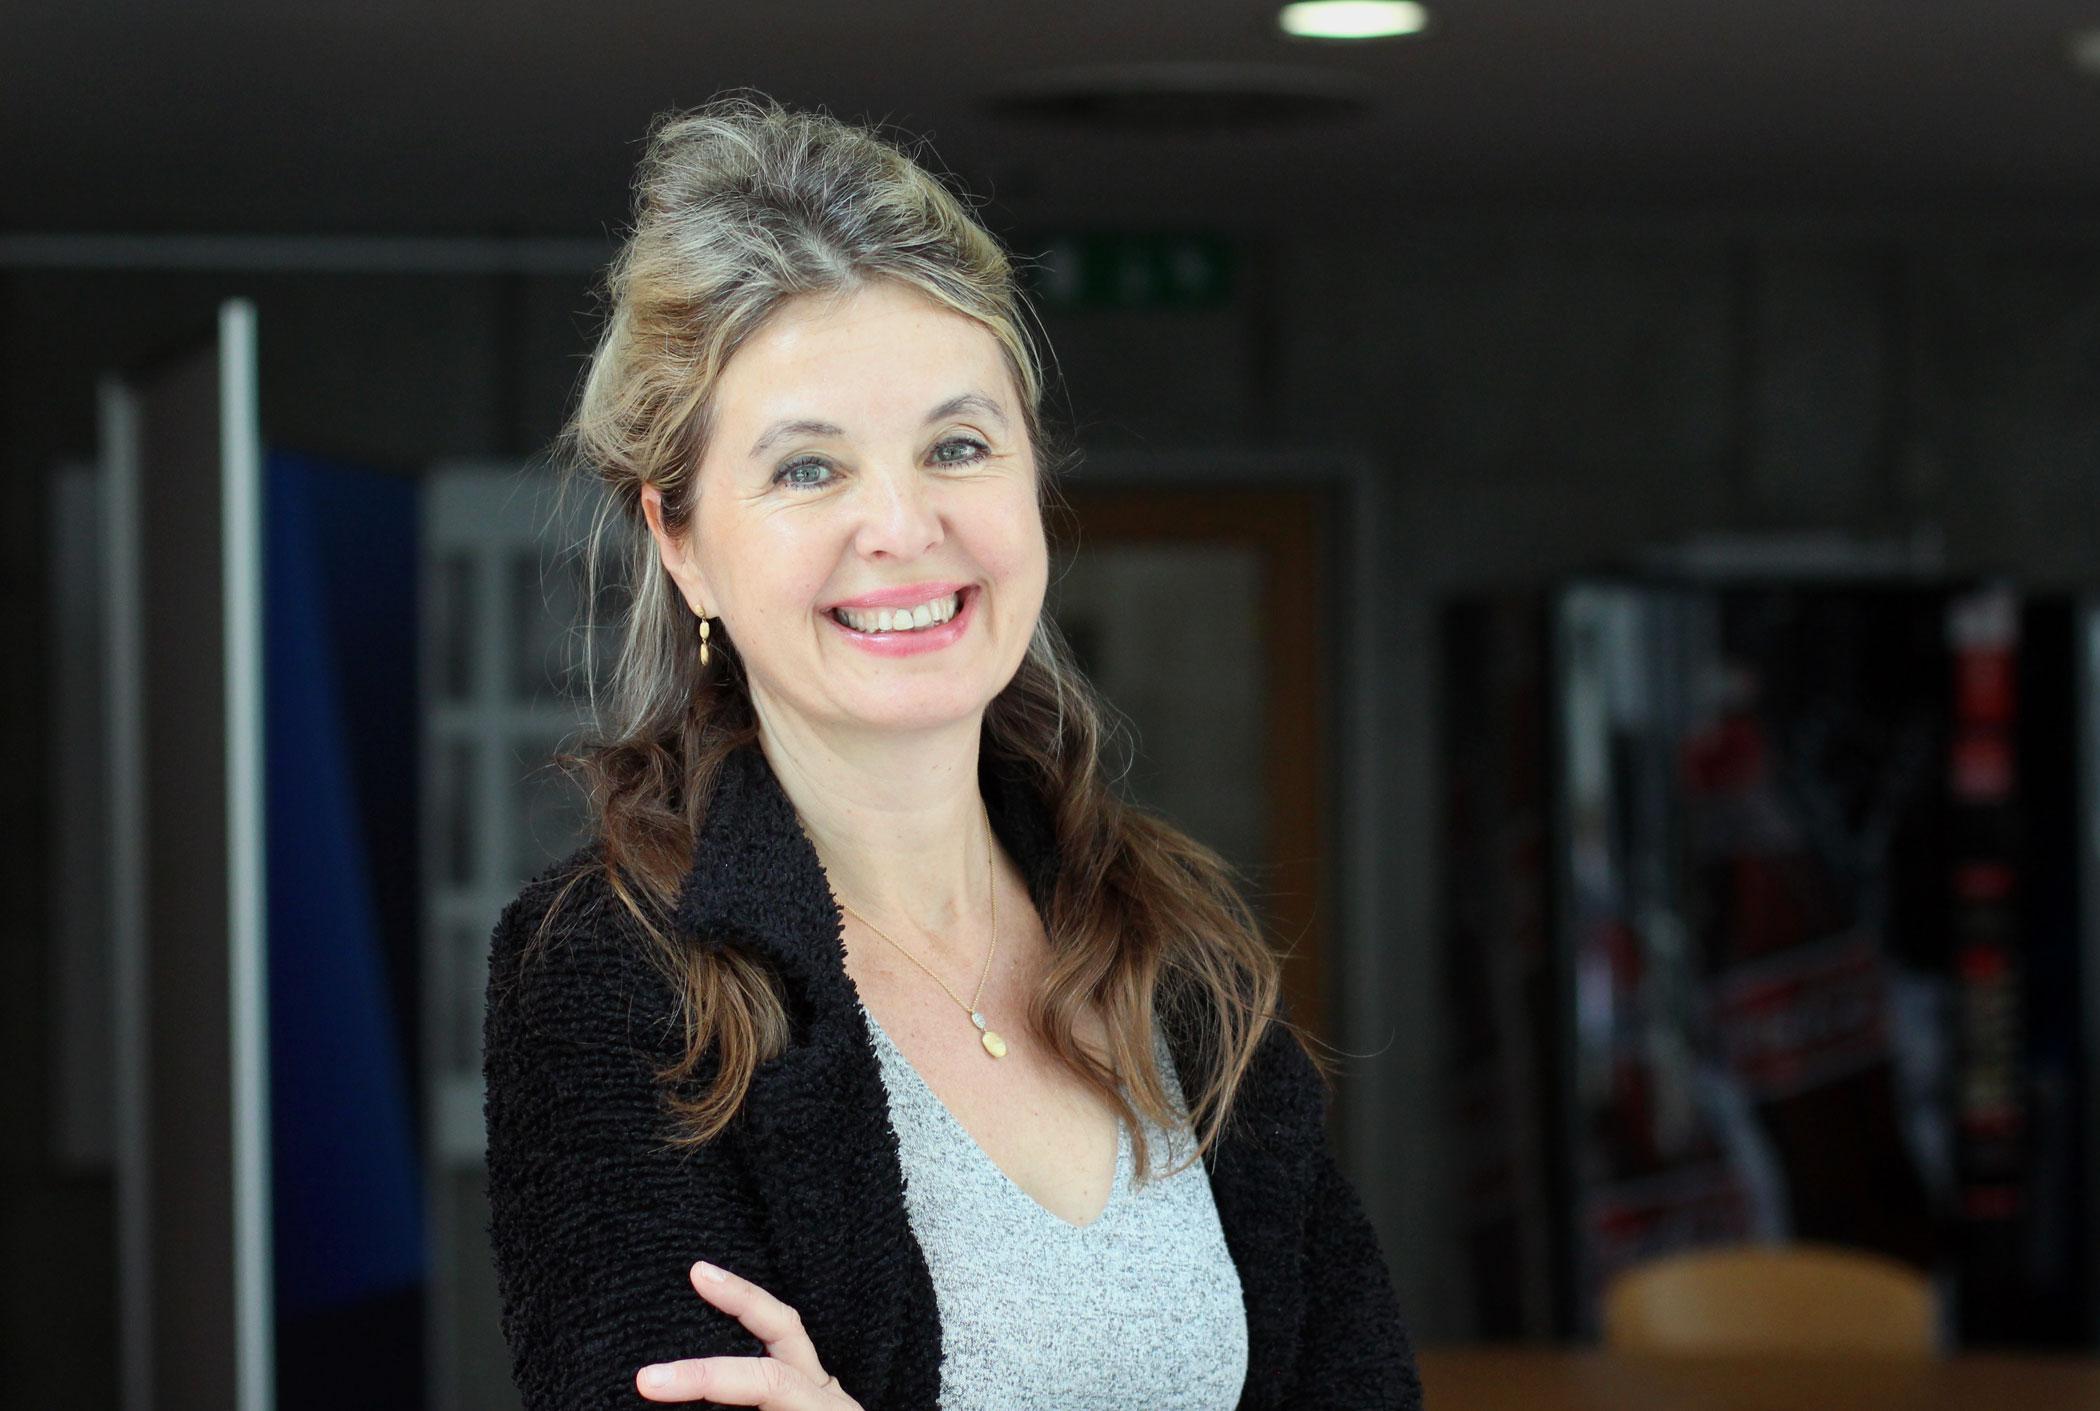 Kateřina Englichová, harfistka (manželka diplomata Václava Bartušky)